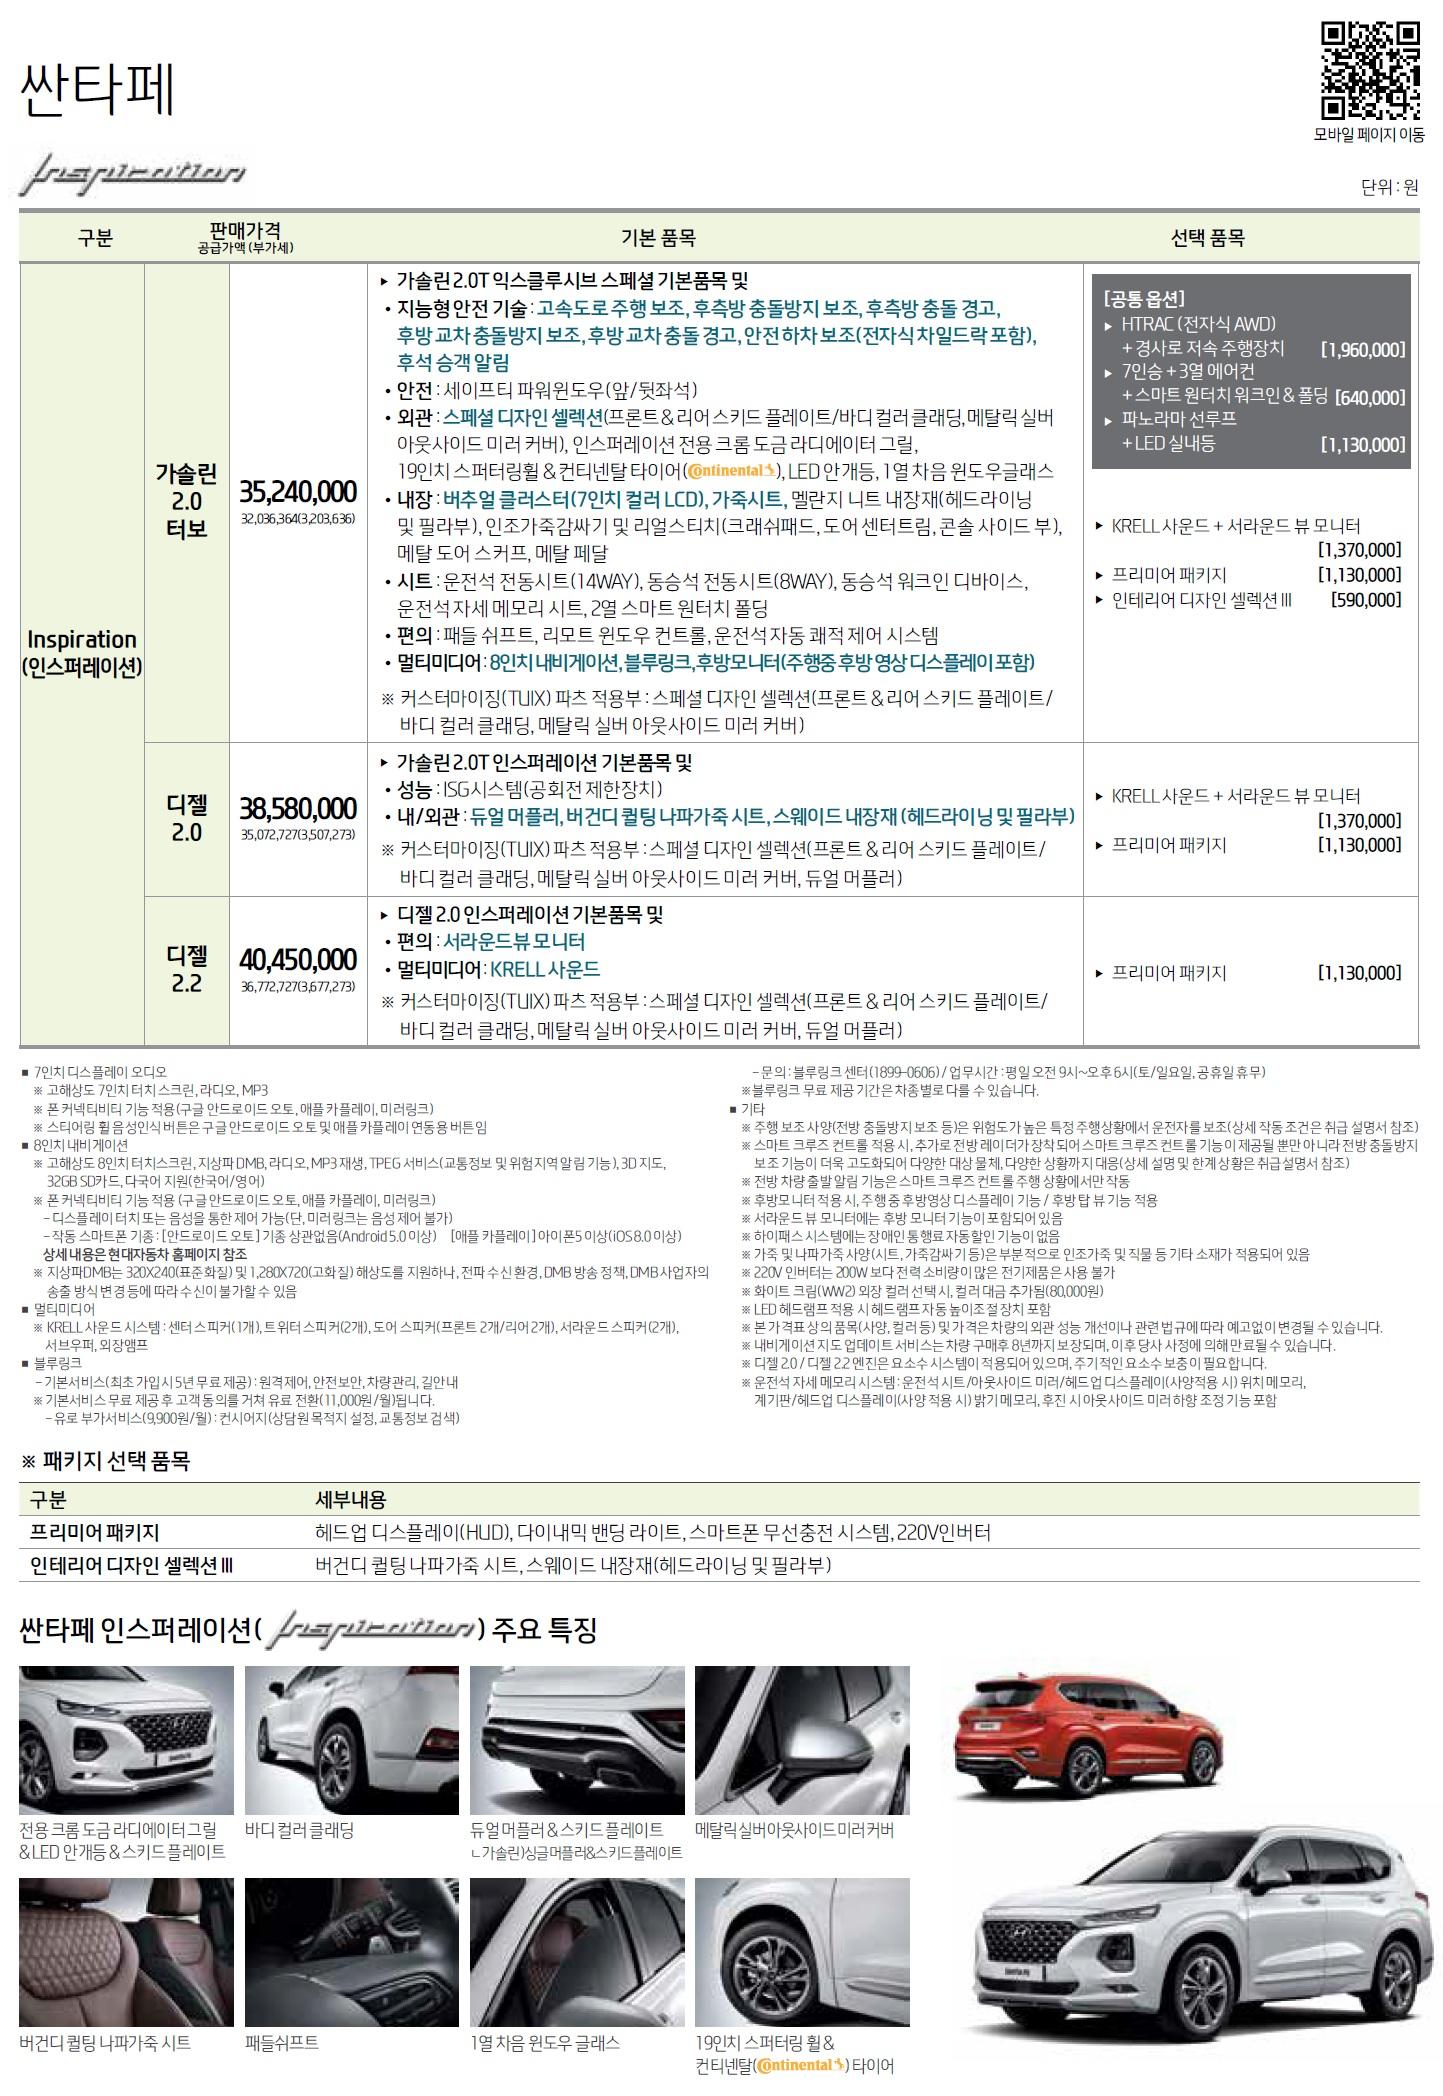 싼타페TM 가격표 - 2019년 01월 -3.jpg